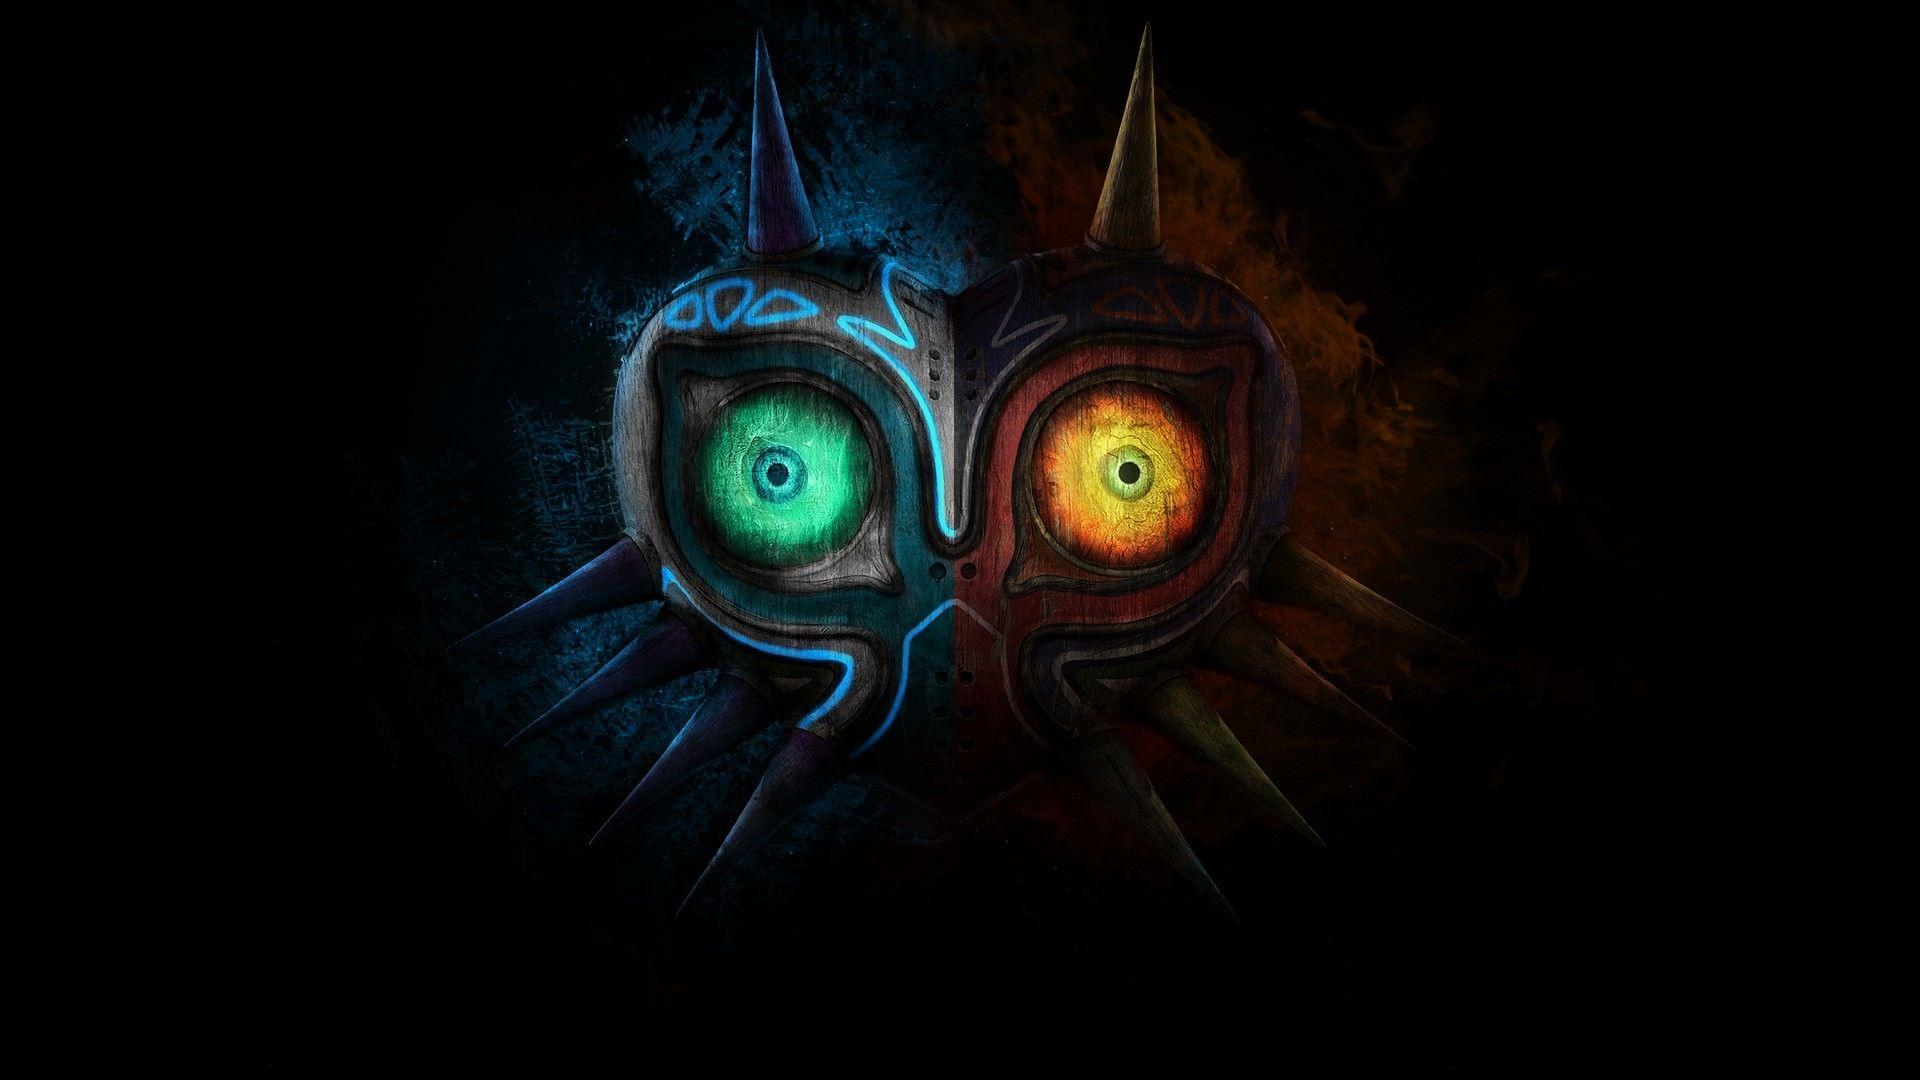 Top Collection Phone And Desktop Wallpaper Hd Zelda Art Legend Of Zelda Majoras Mask Art